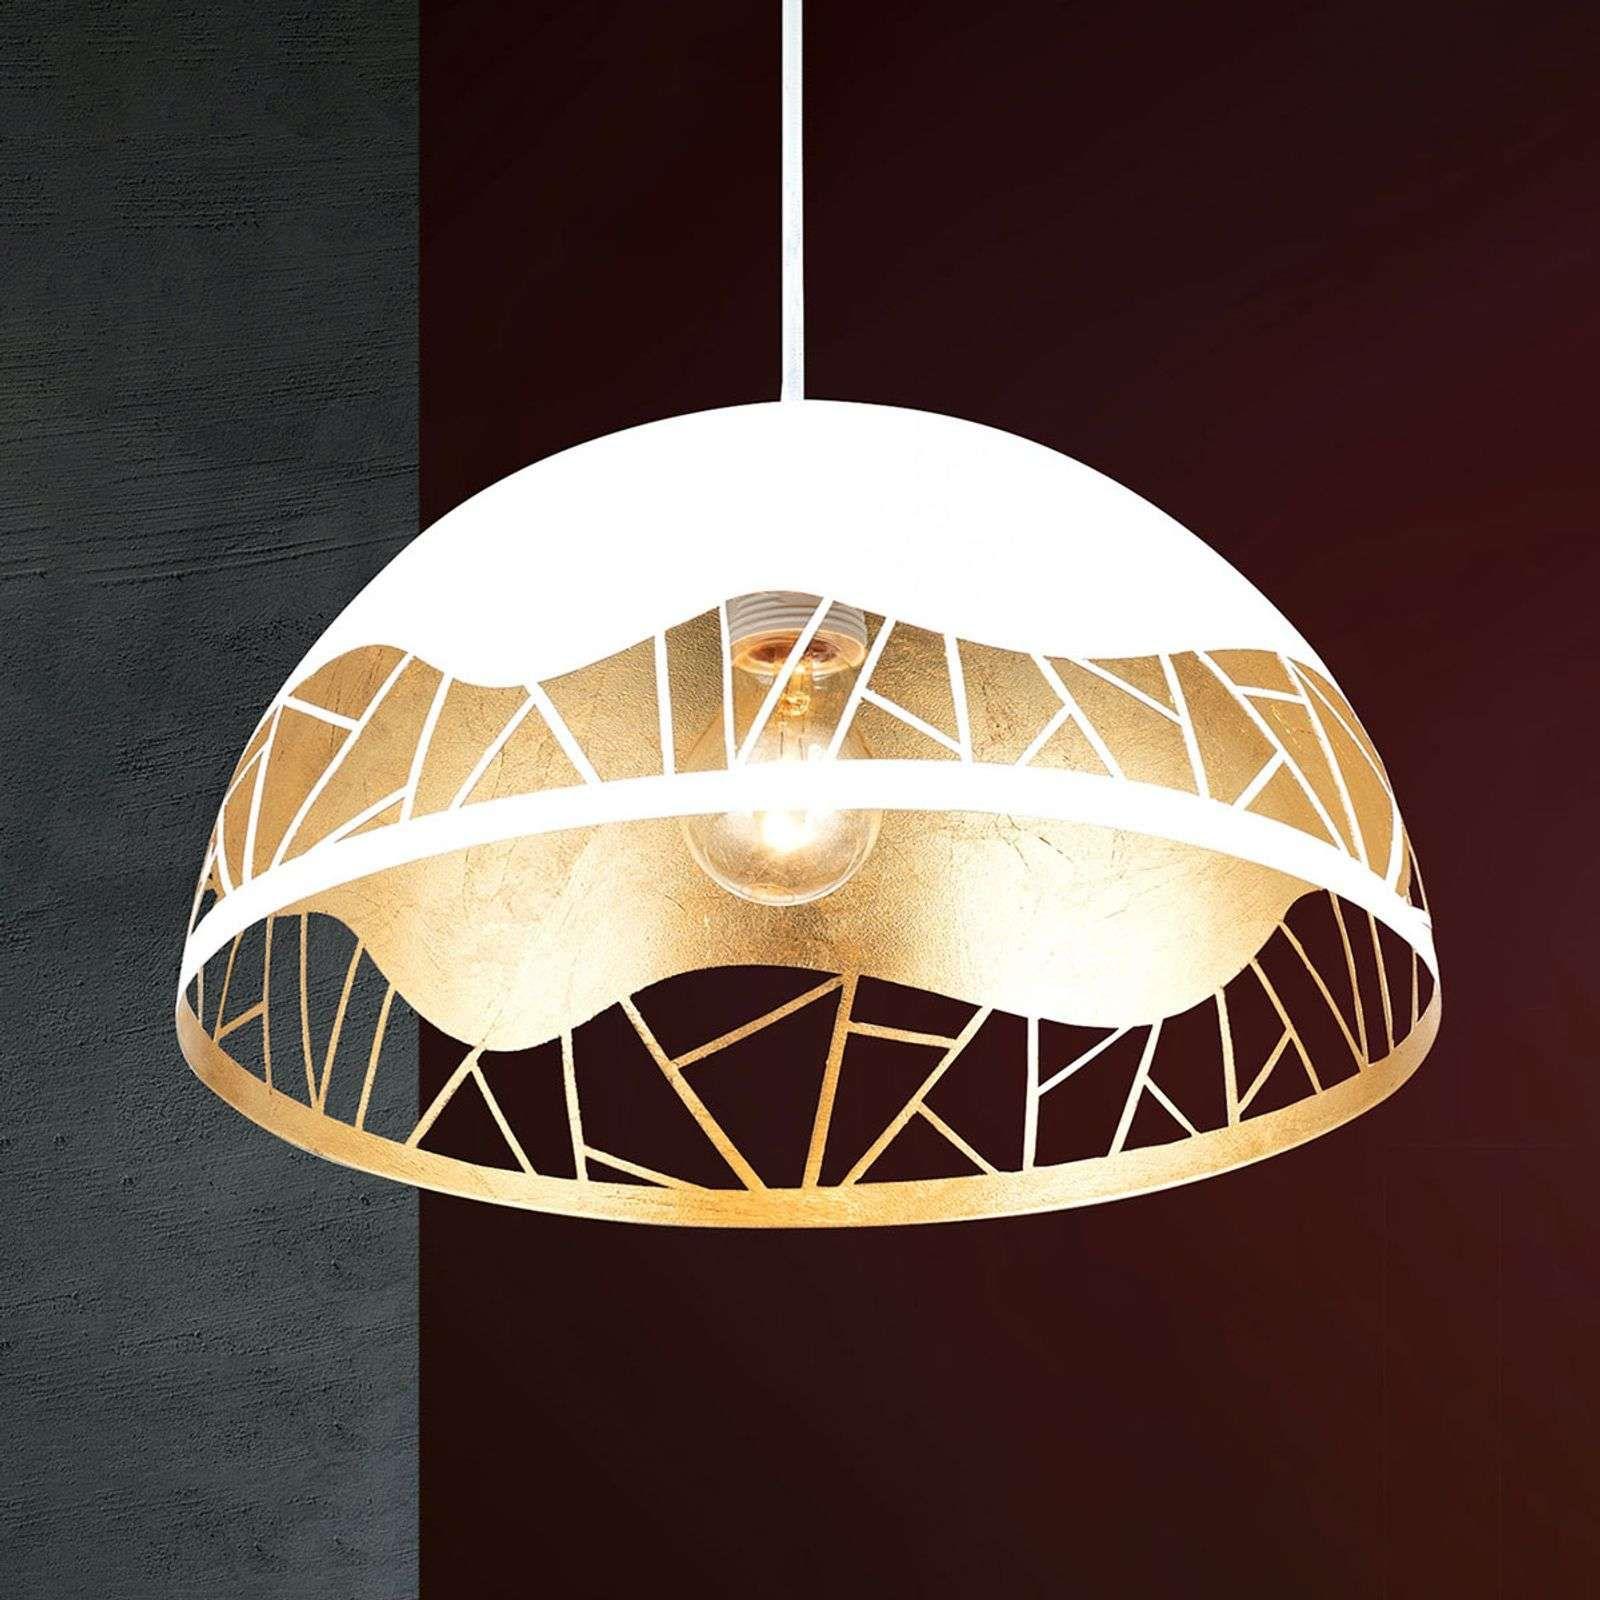 Wohnzimmer Hängelampe Pendelleuchte Küche Höhenverstellbar Moderne Hängeleuchten Wohnzimmer Küchen Pendelleuchten Luminaire Motif Décoratif Feuille D Or